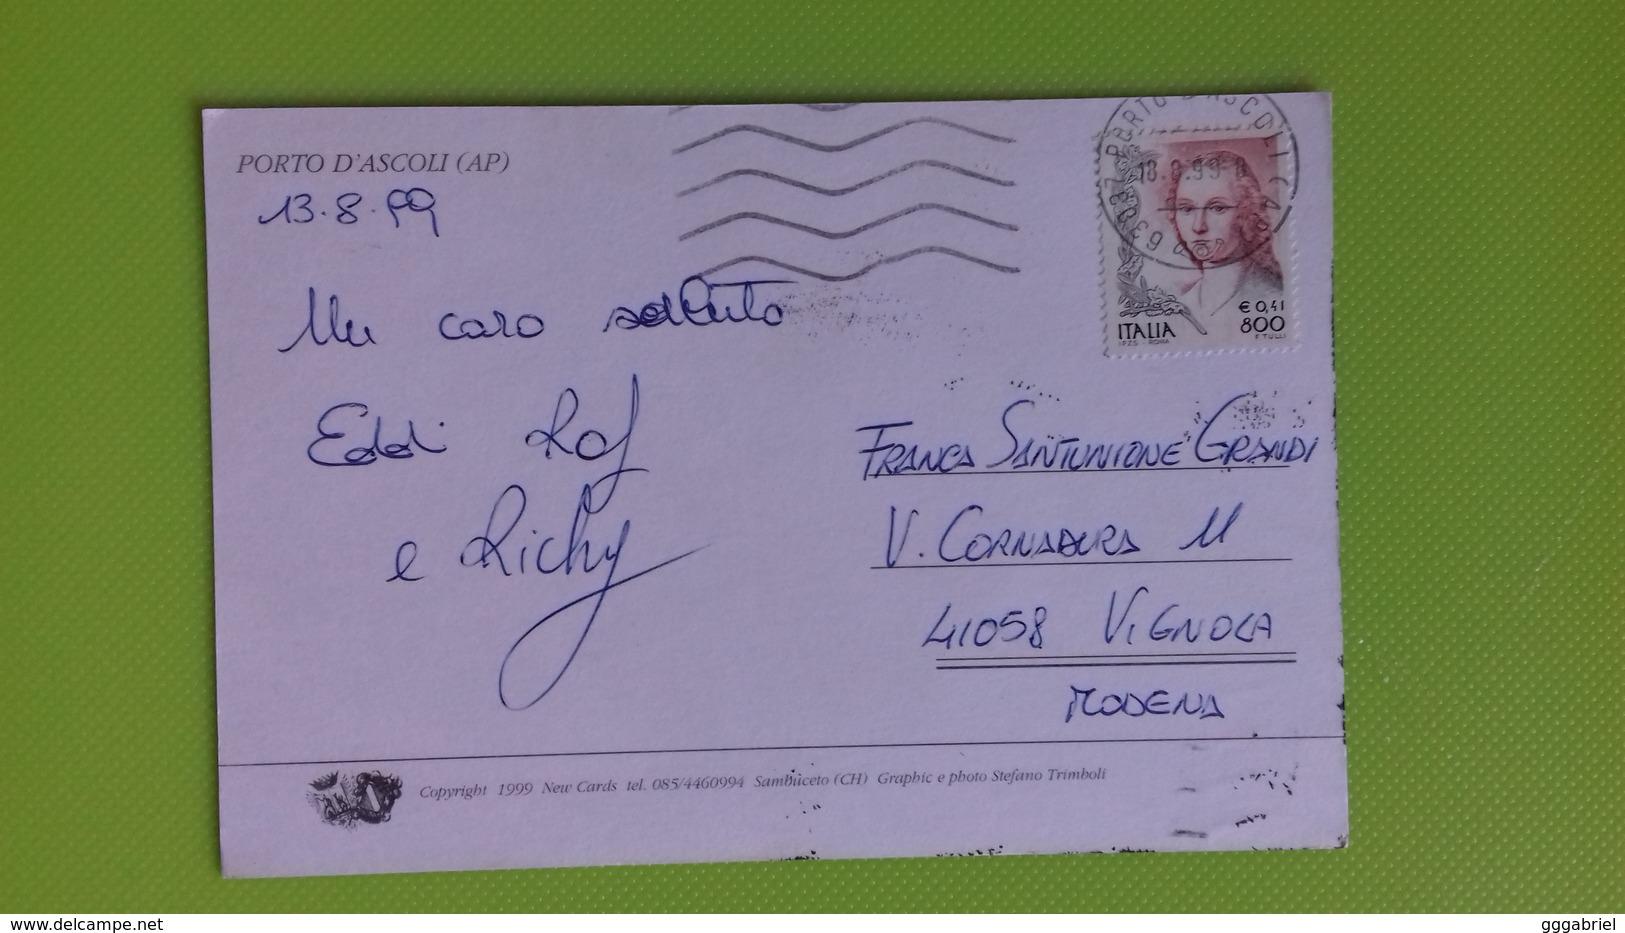 Cartolina PORTO D'ASCOLI - AP - Viaggiata - Postcard - Vedutine In Conchiglia - Ascoli Piceno